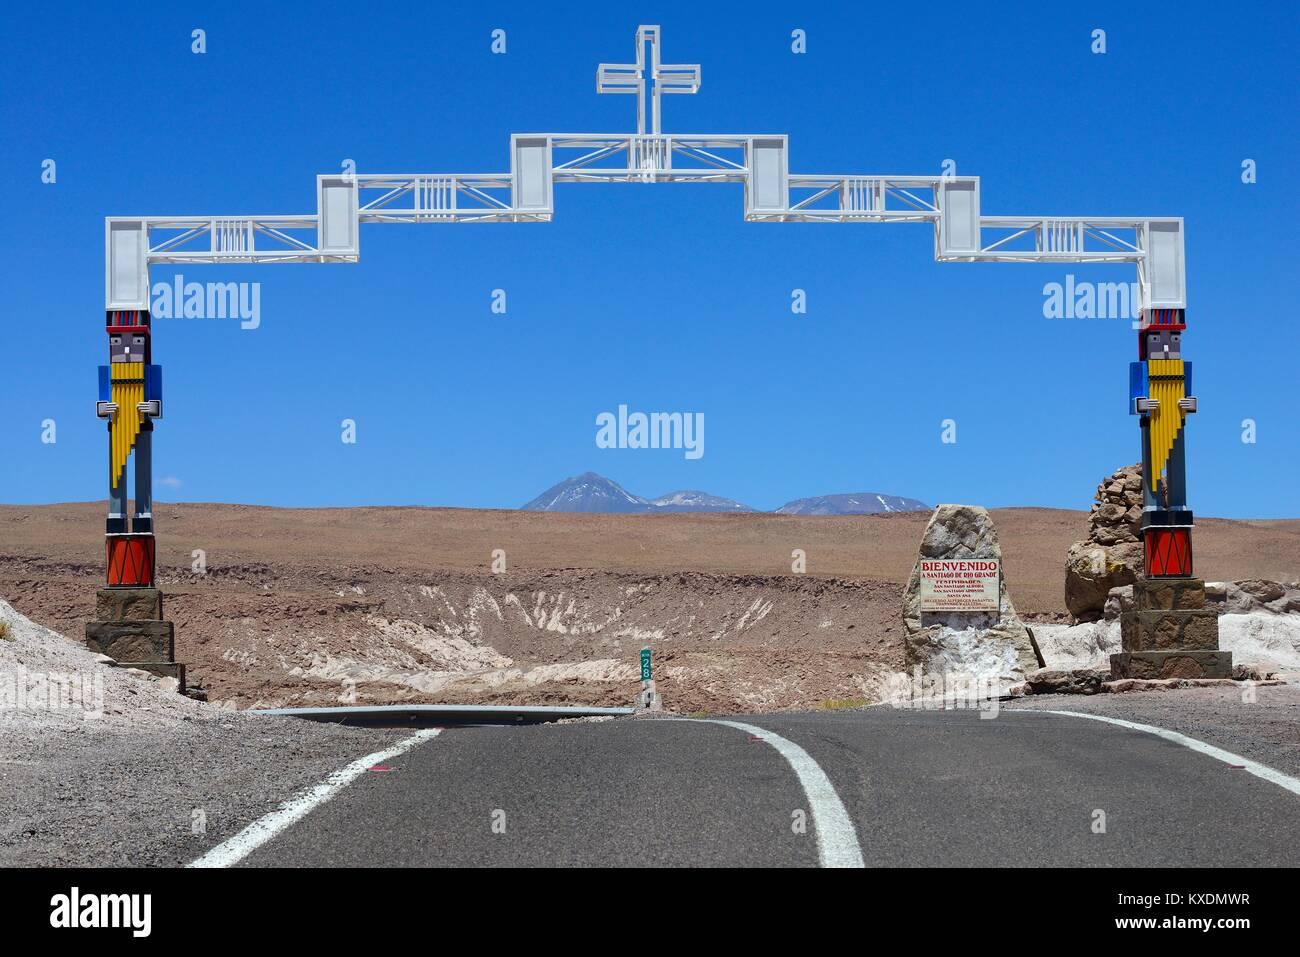 Arch over the main road welcomes visitors, Santiago de Rio Grande, El Loa, Antofagasta, Chile - Stock Image